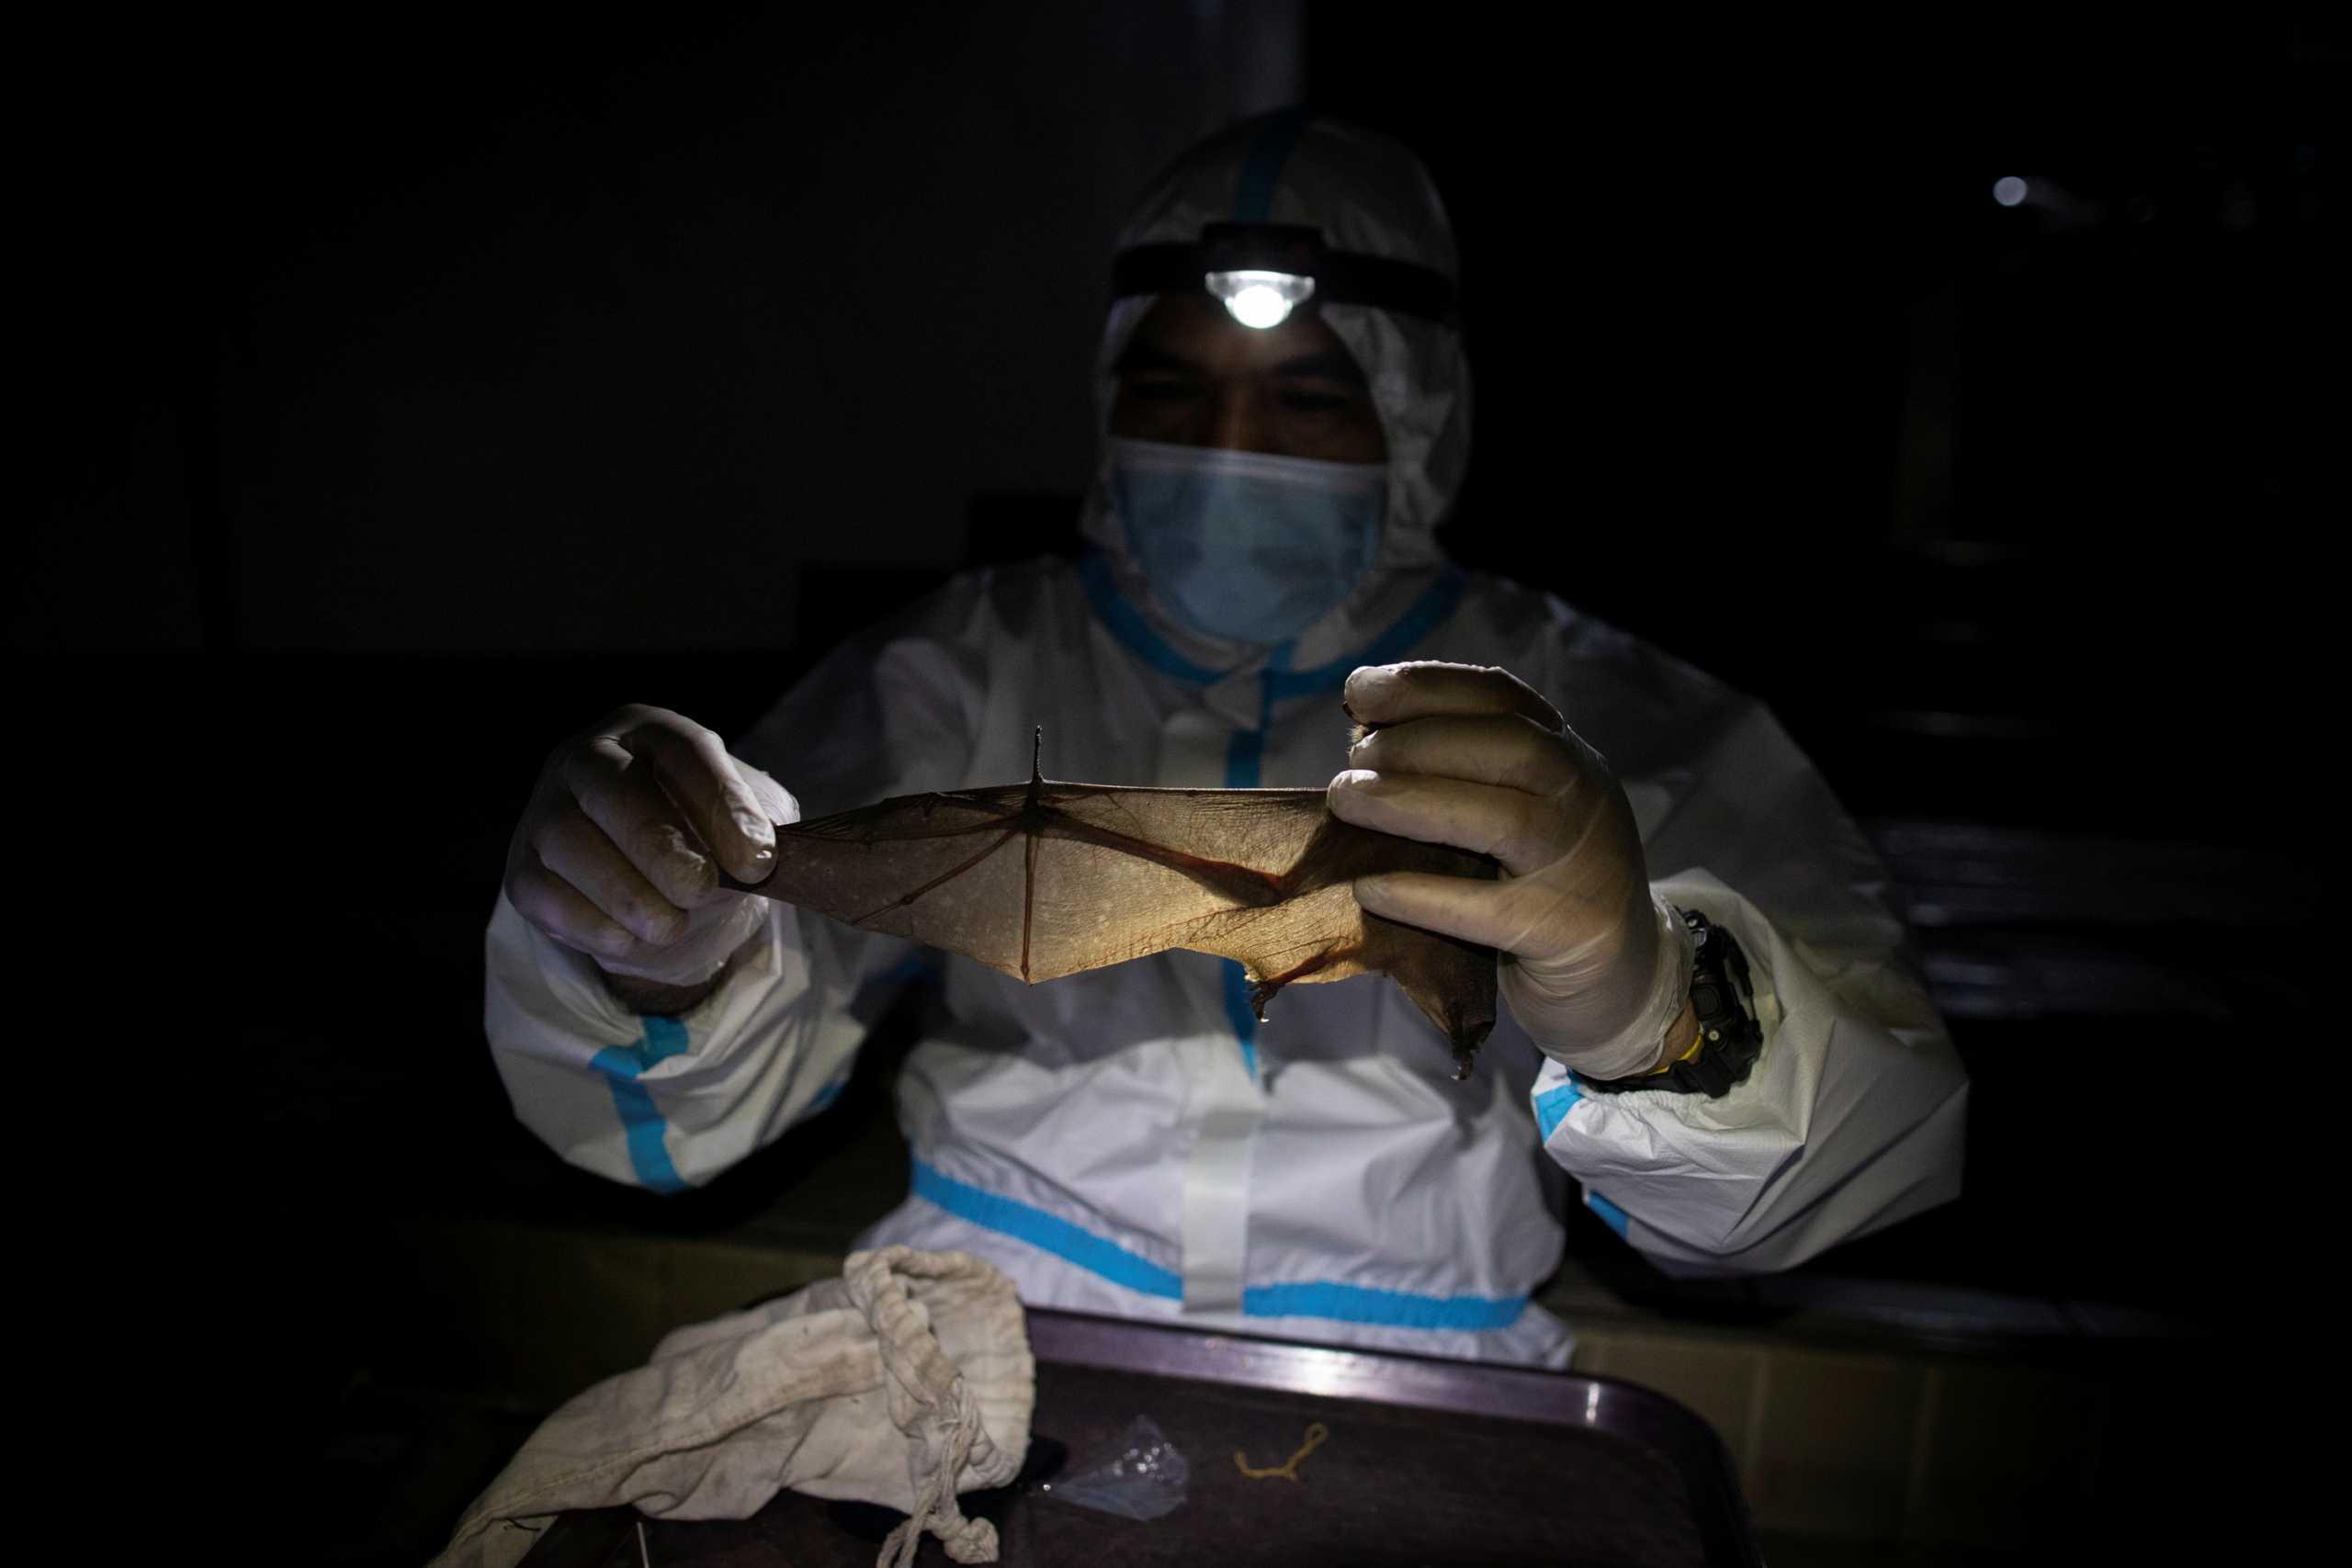 Κορονοϊός: Συγγενικός ιός βρέθηκε σε νυχτερίδες στην Καμπότζη